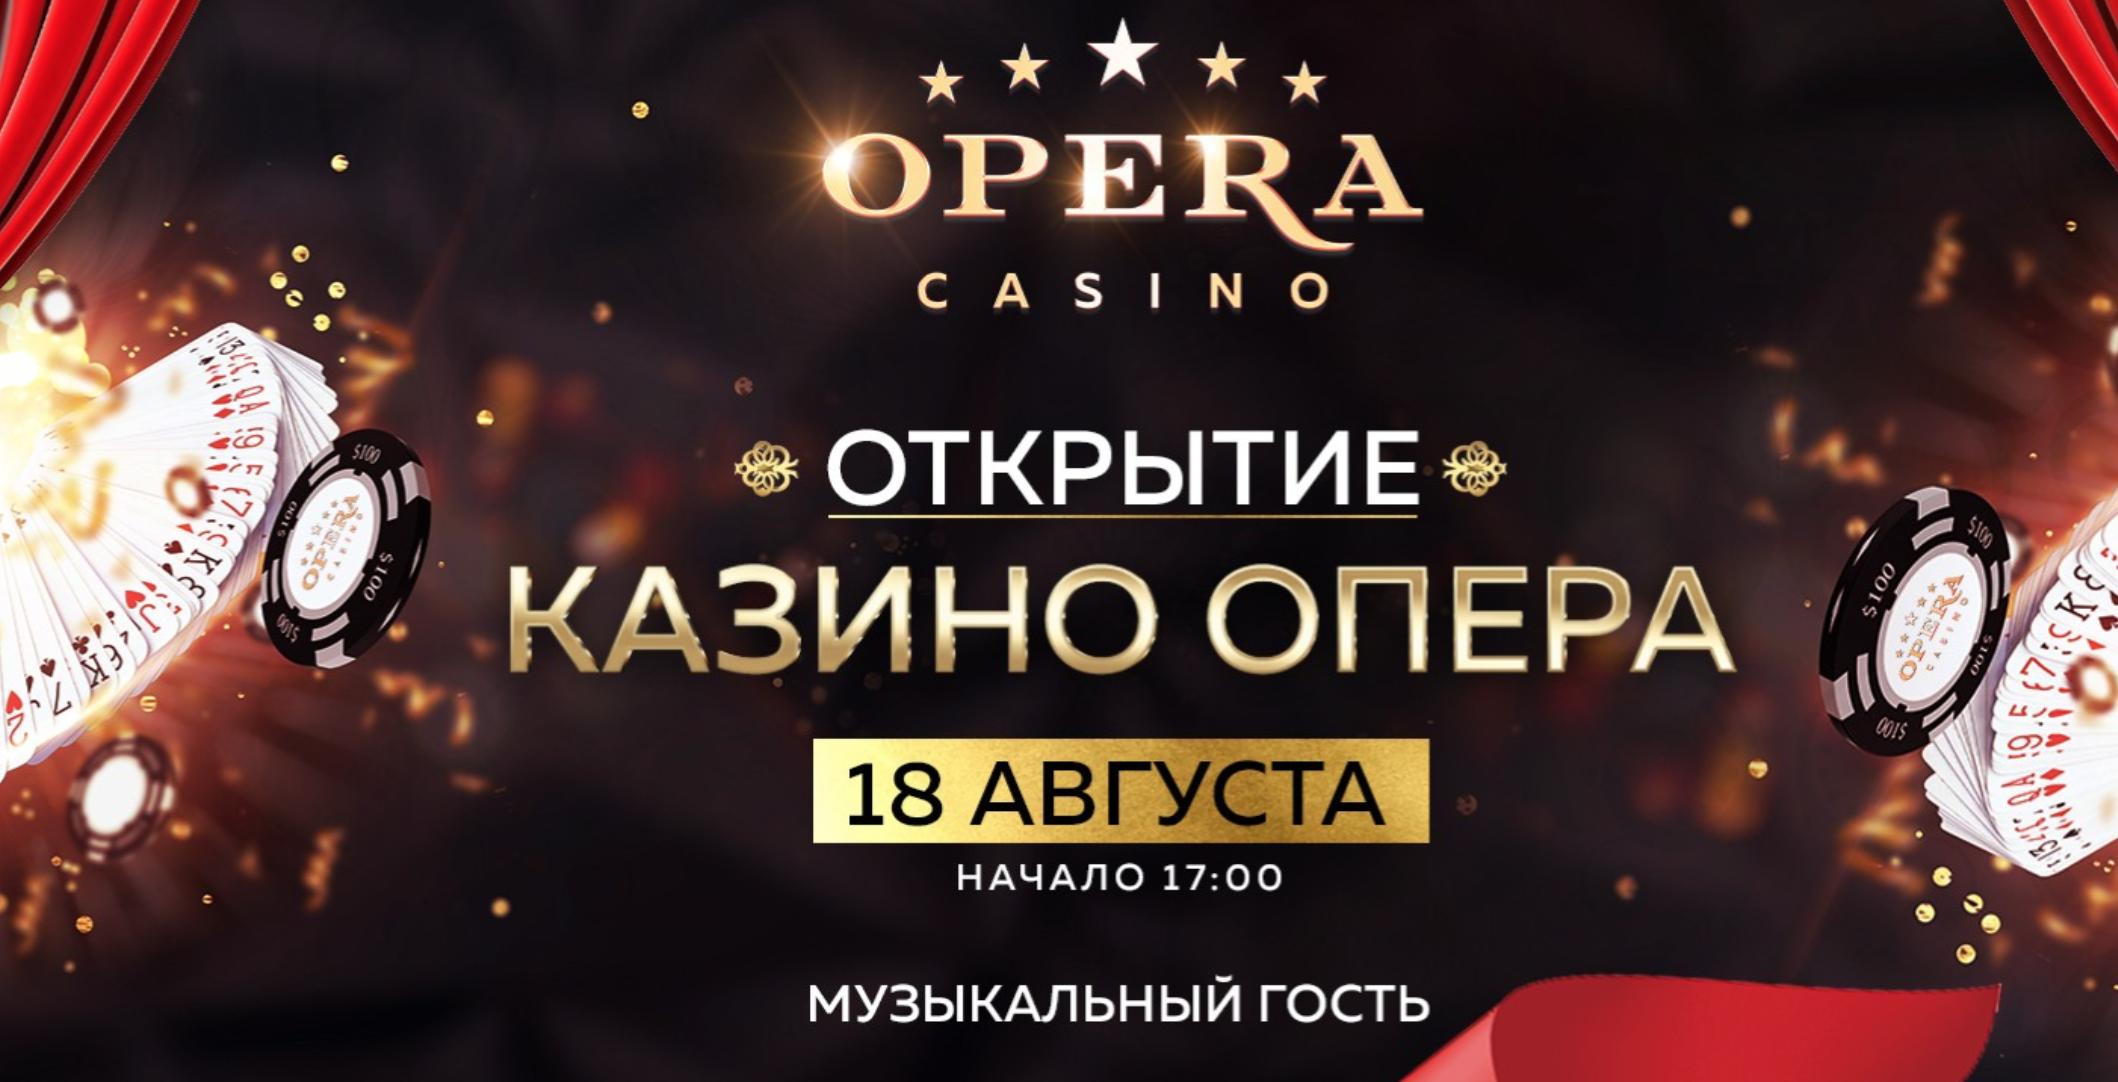 Казино Опера откроется 18 августа